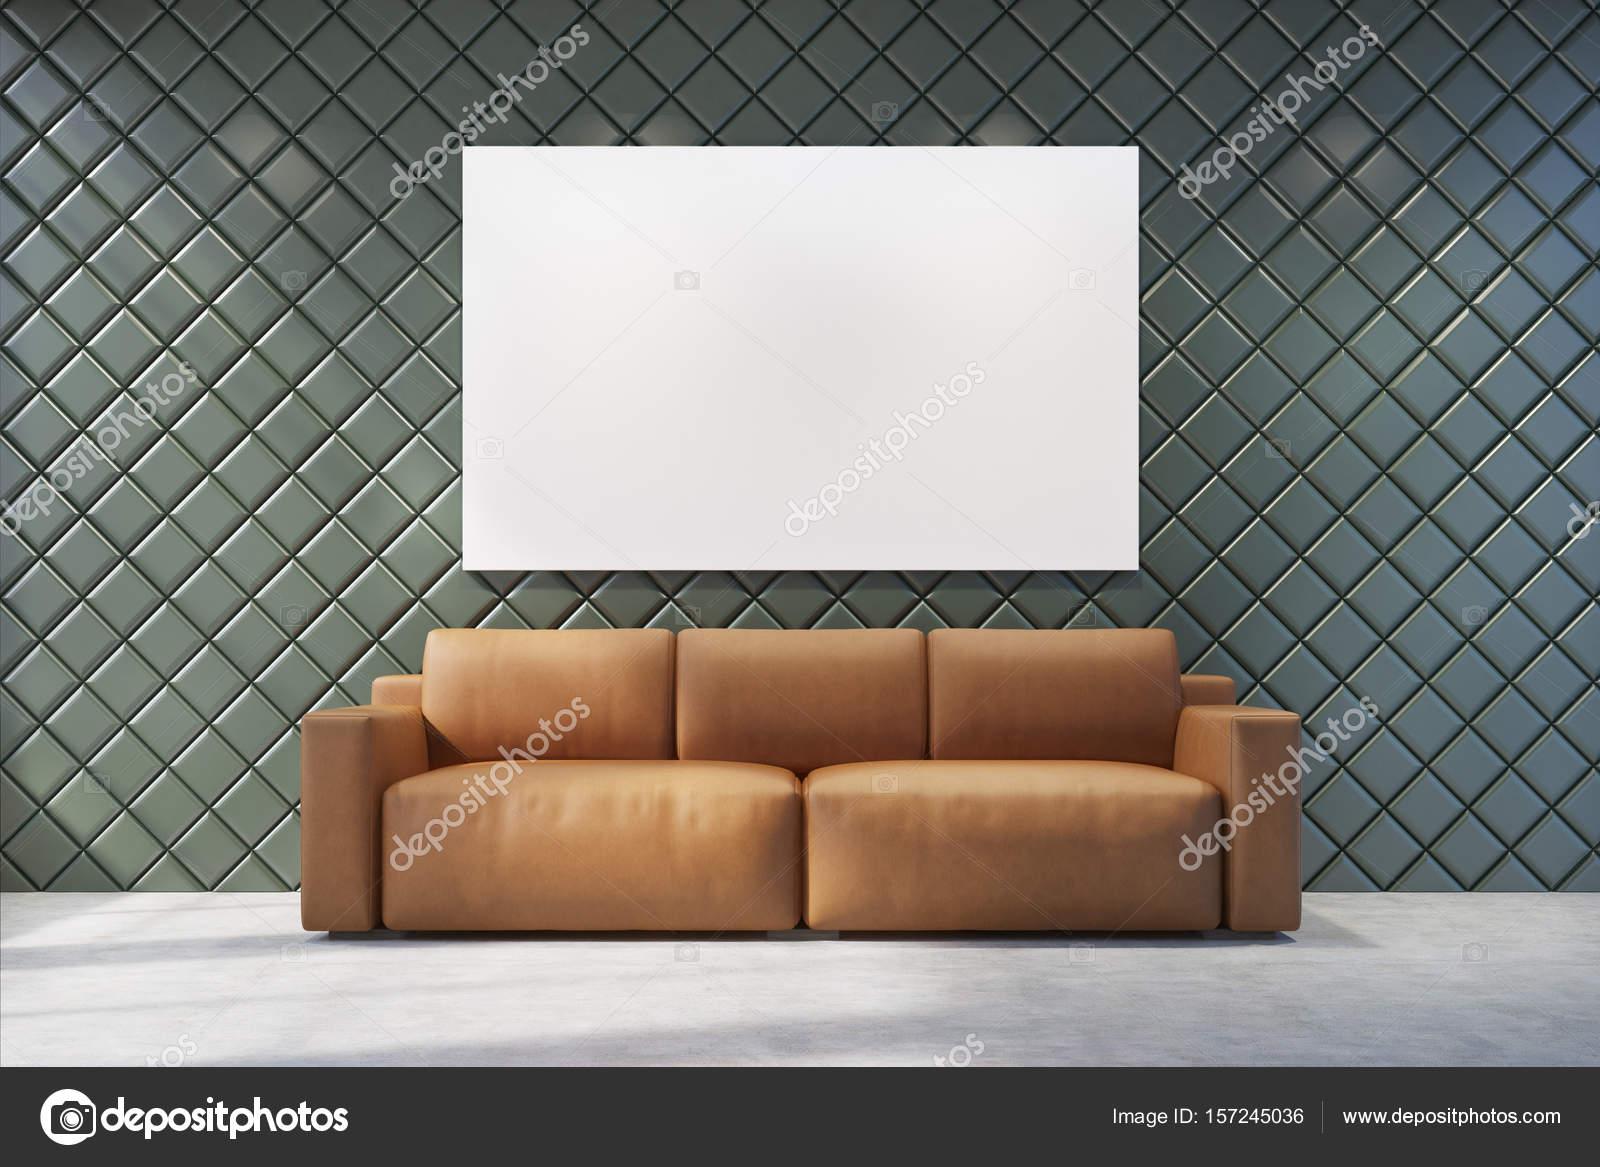 Braunen Sofa In Einem Grauen Wohnzimmer Stockfoto C Denisismagilov